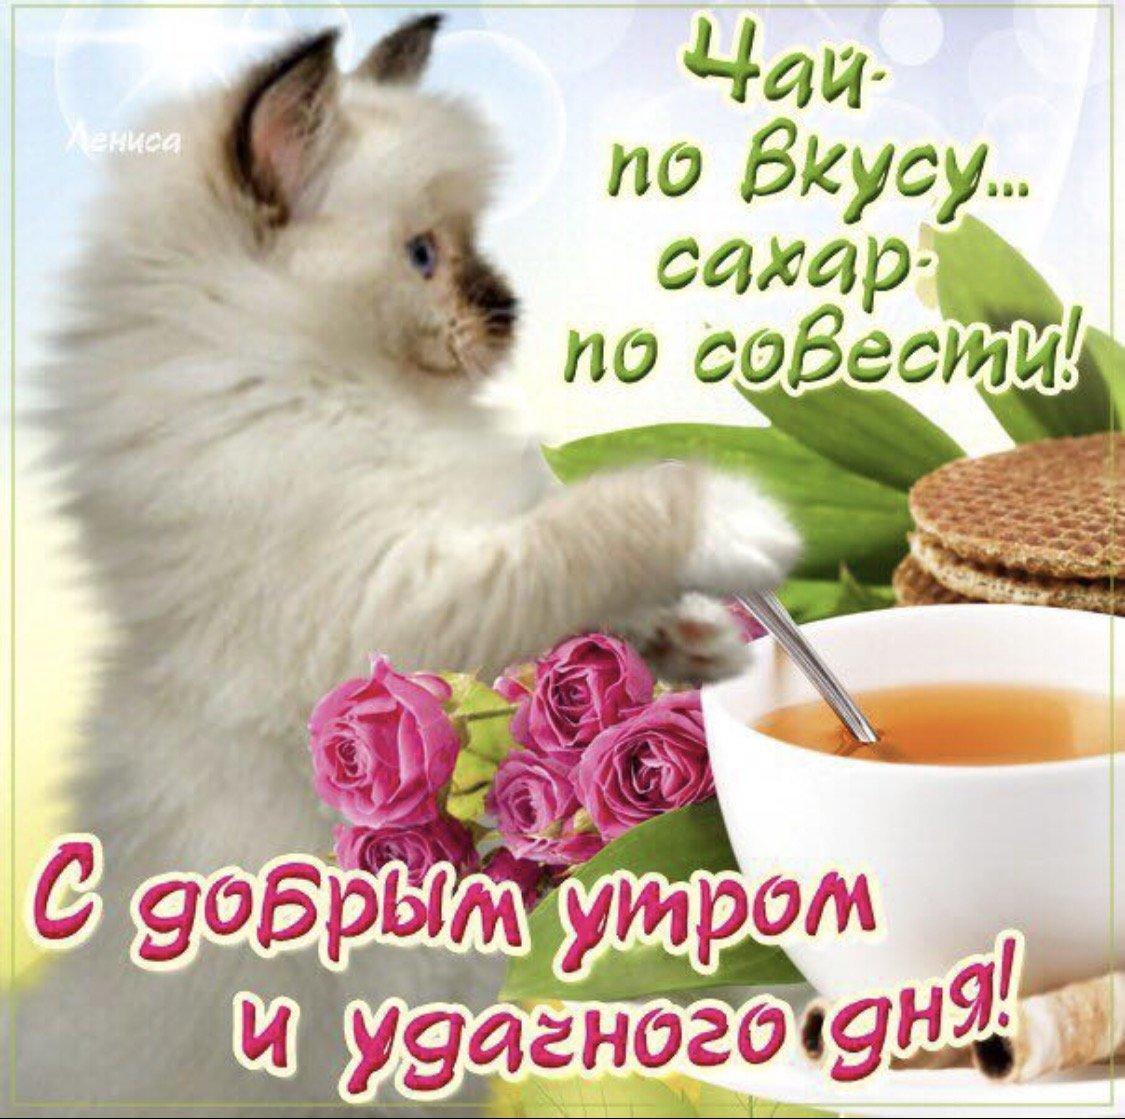 Пожелания с добрым утром друзьям прикольные в картинках